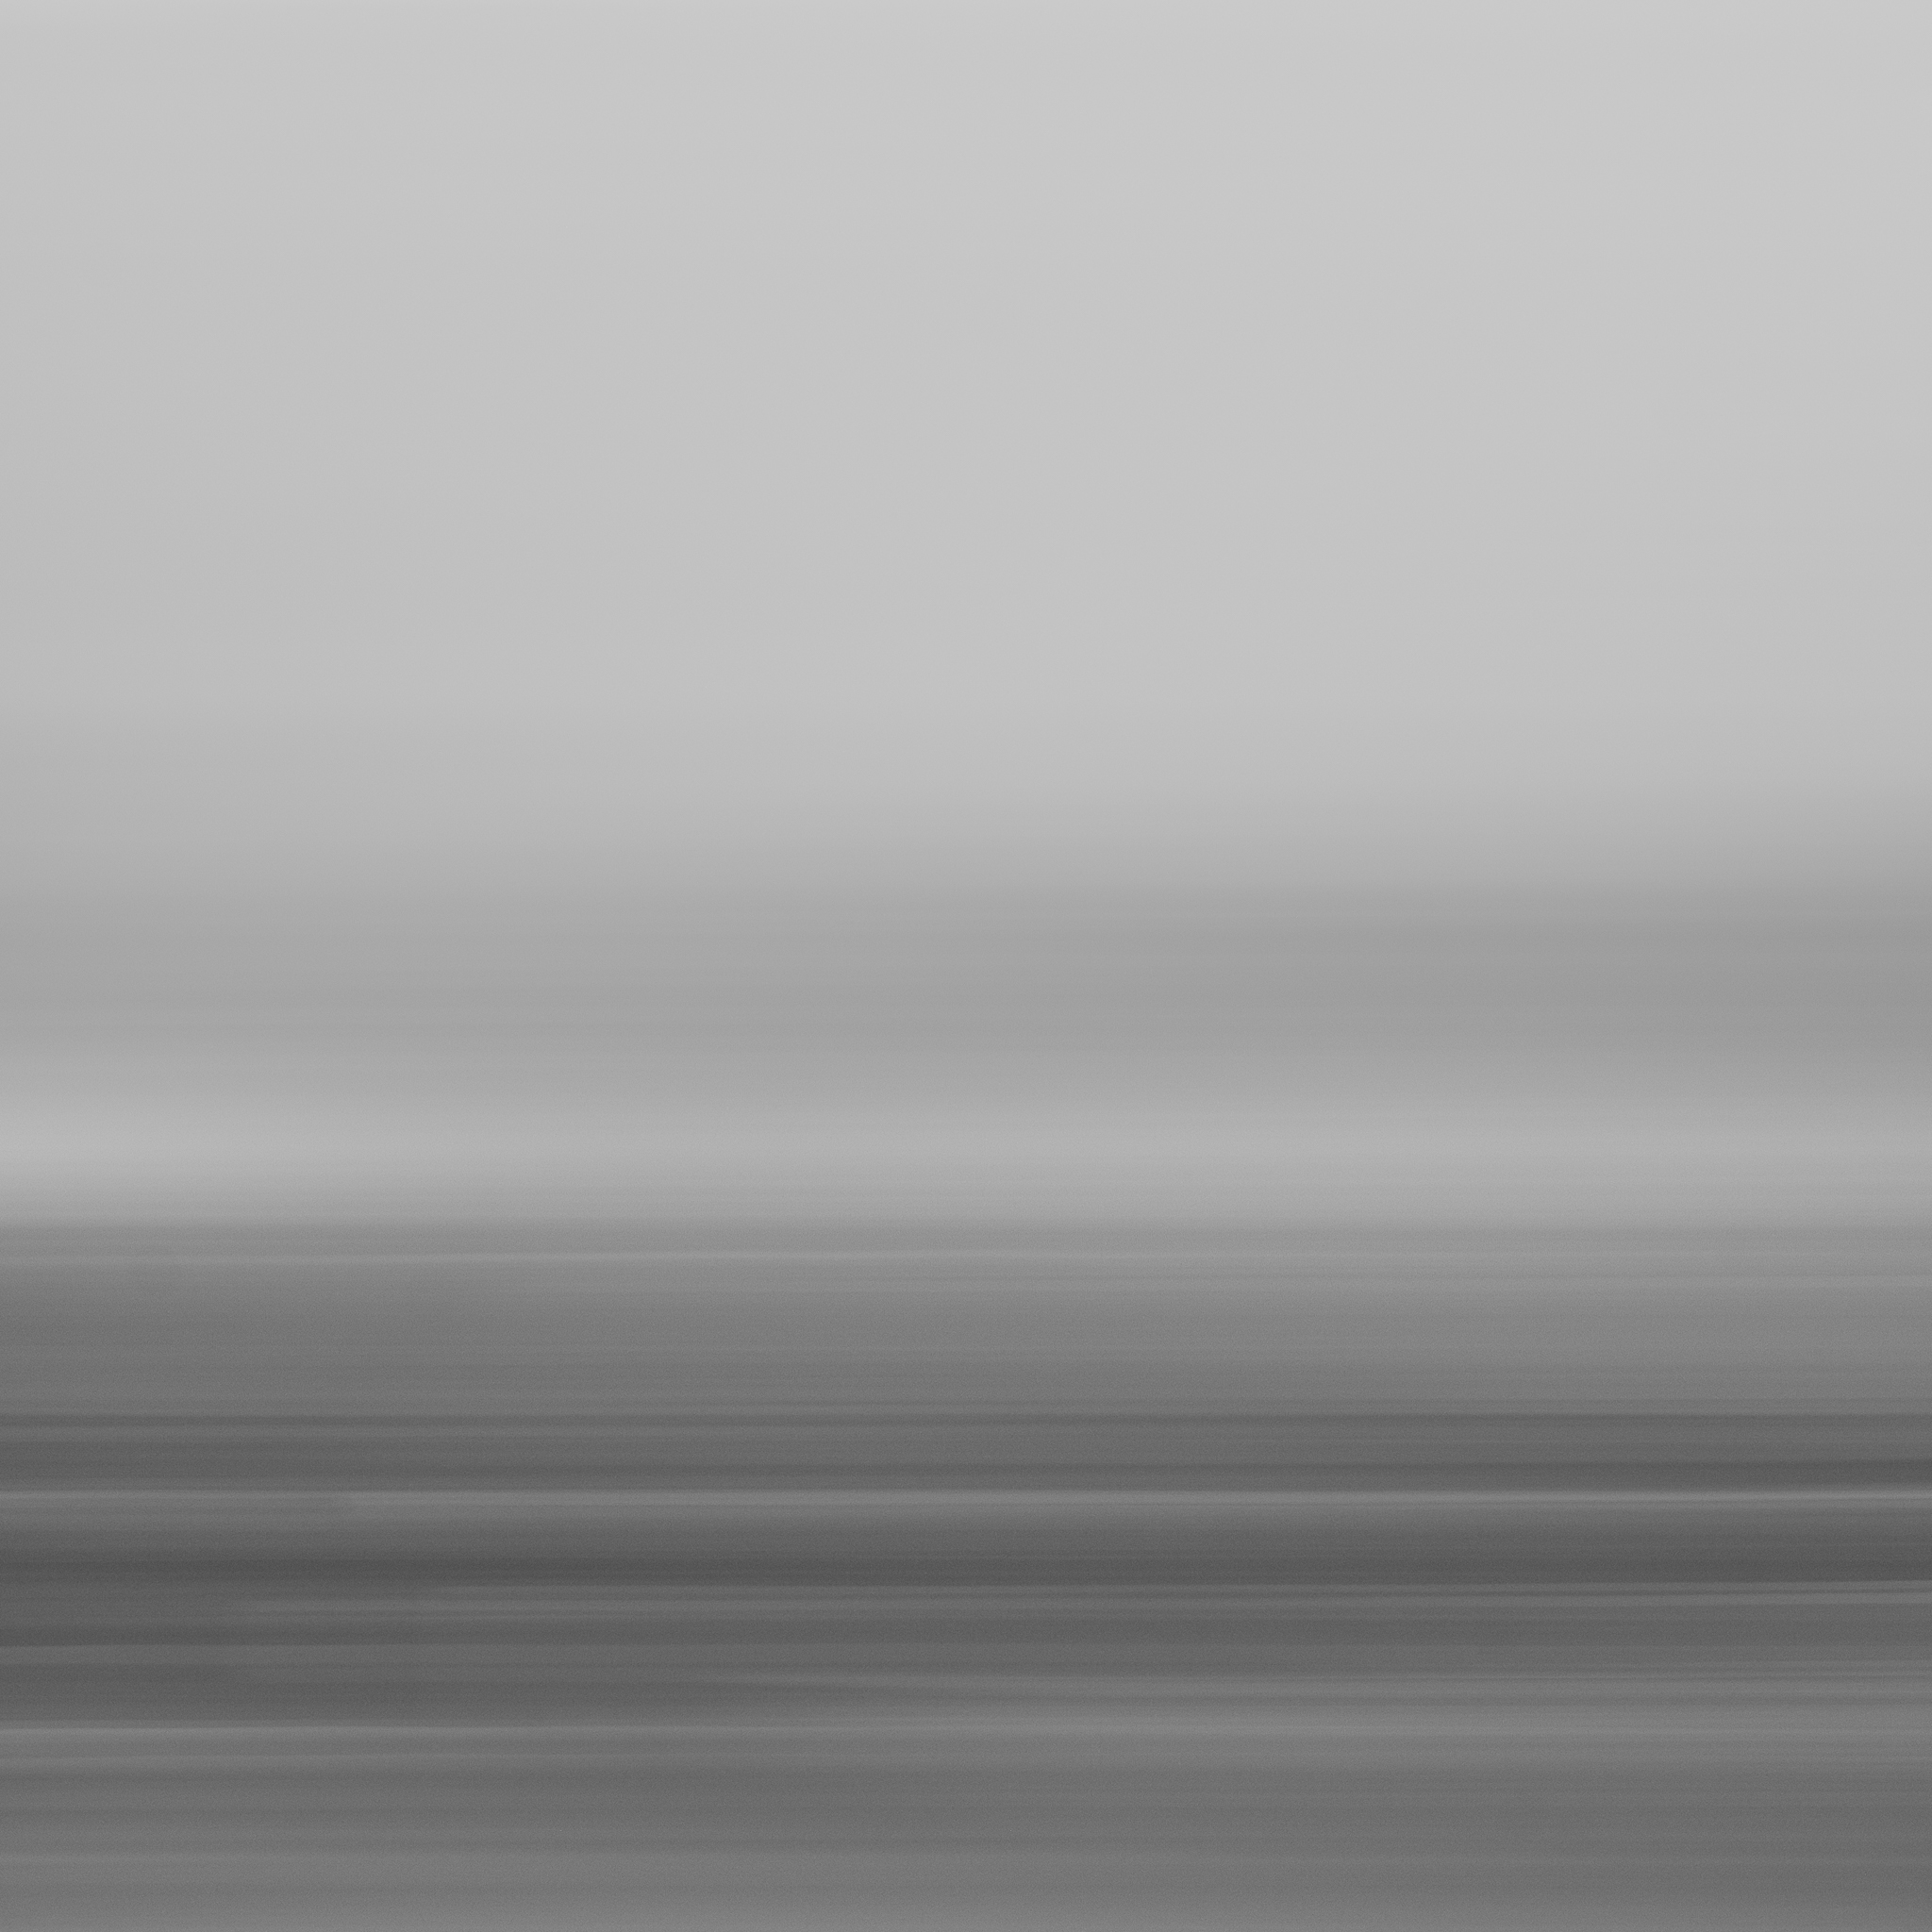 Wadden Sea, Ternaard I, 2017